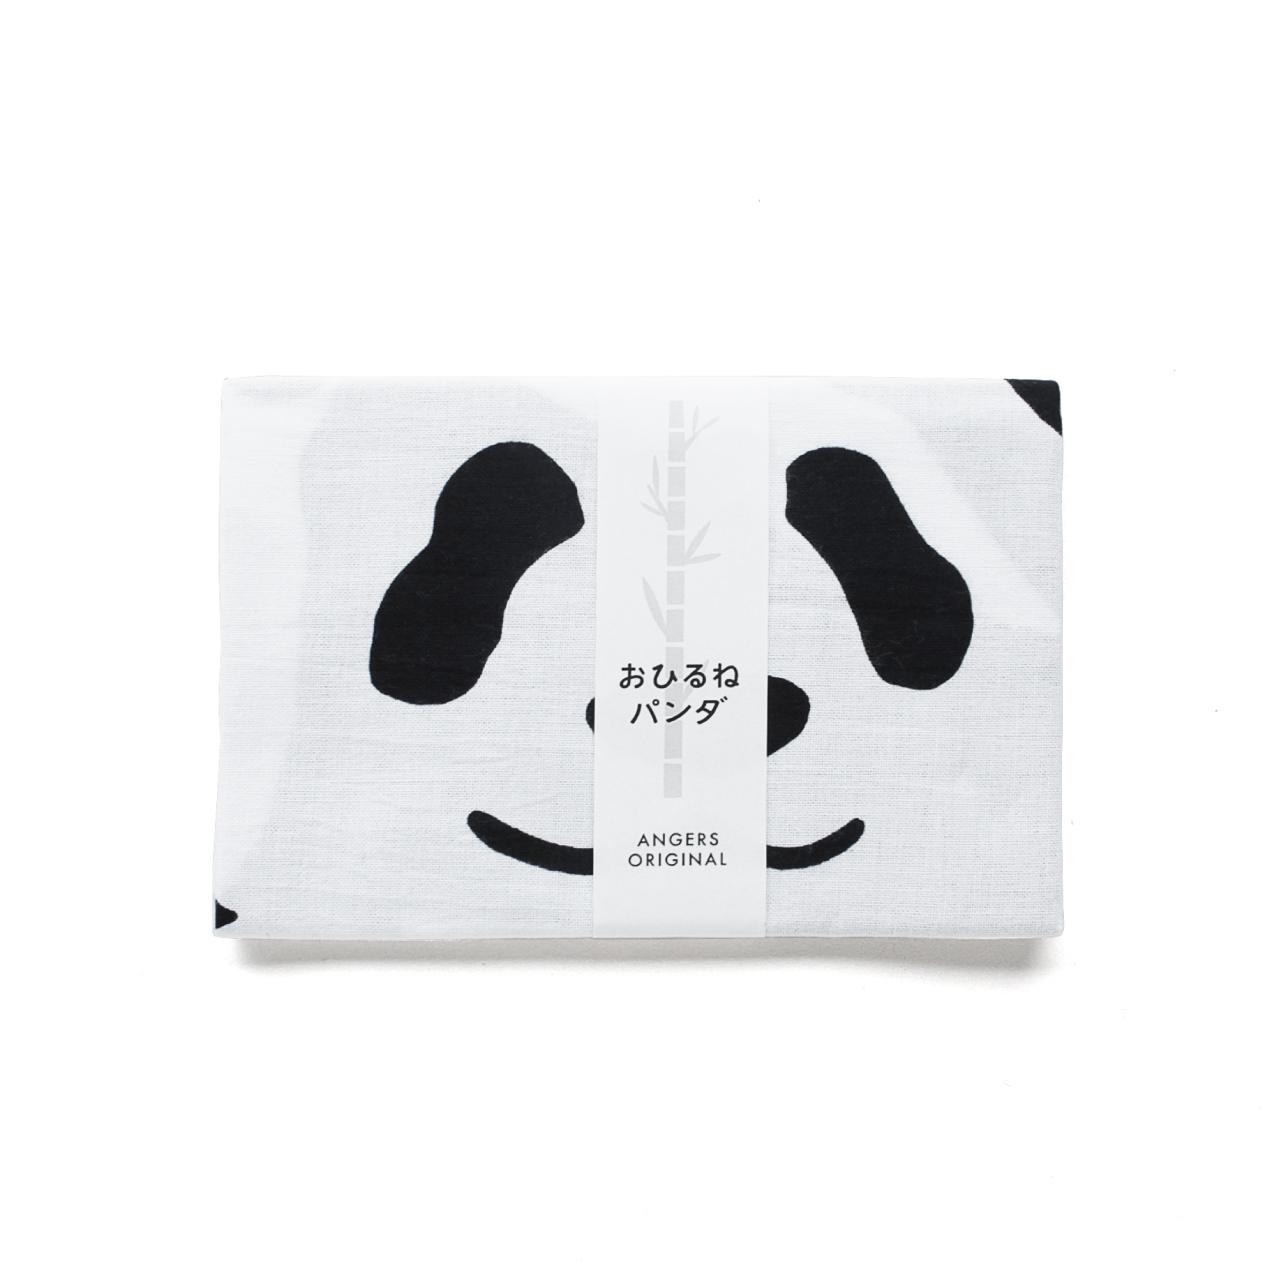 てぬぐい おひるねパンダ【ANGERS Original】